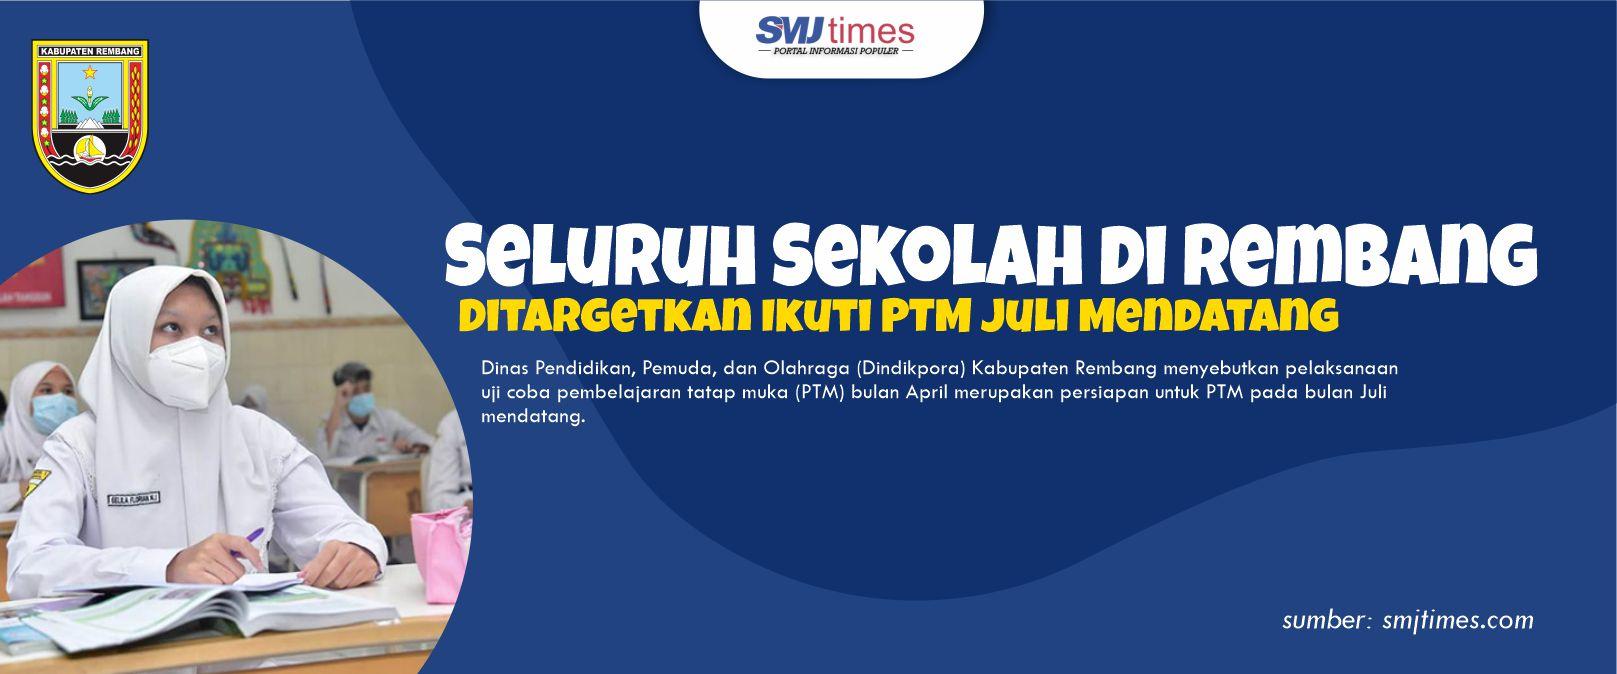 Seluruh Sekolah di Rembang Ditargetkan Ikuti PTM Juli Mendatang